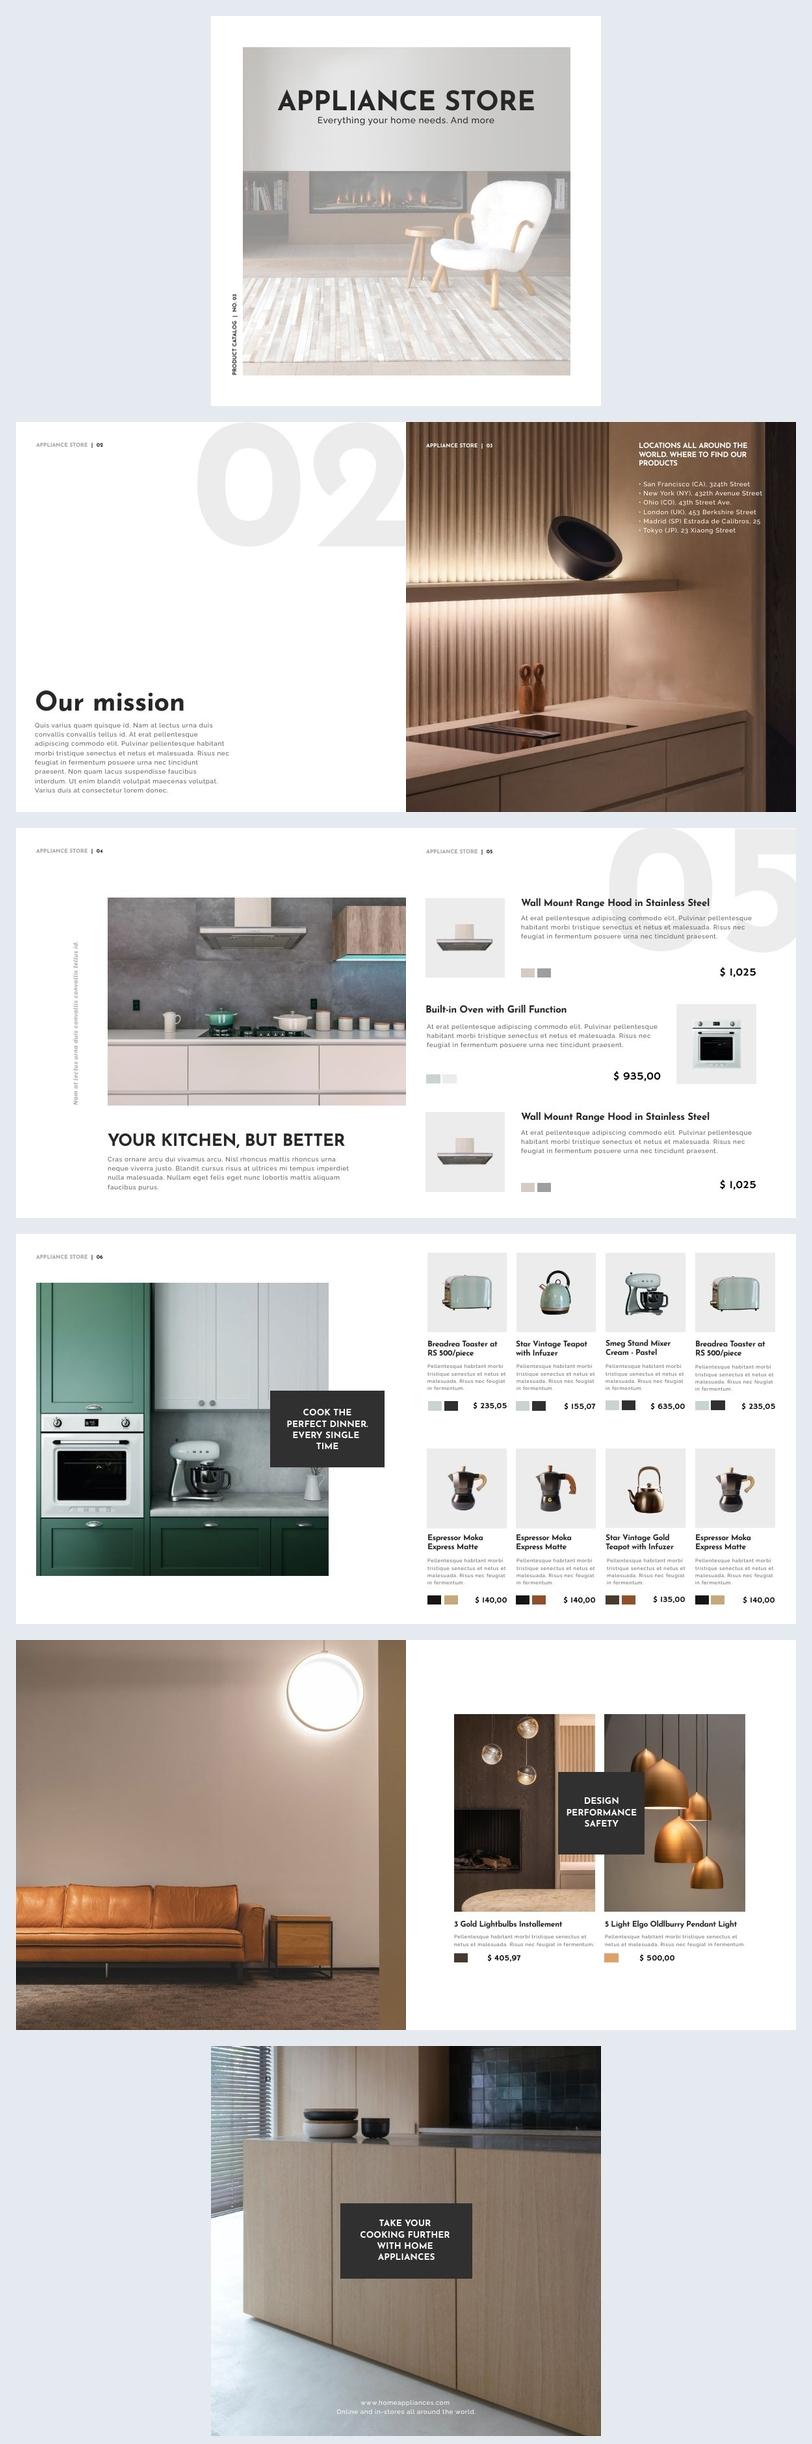 Moderne Huishoudelijke Apparaten Catalogus Ontwerp Voorbeeld